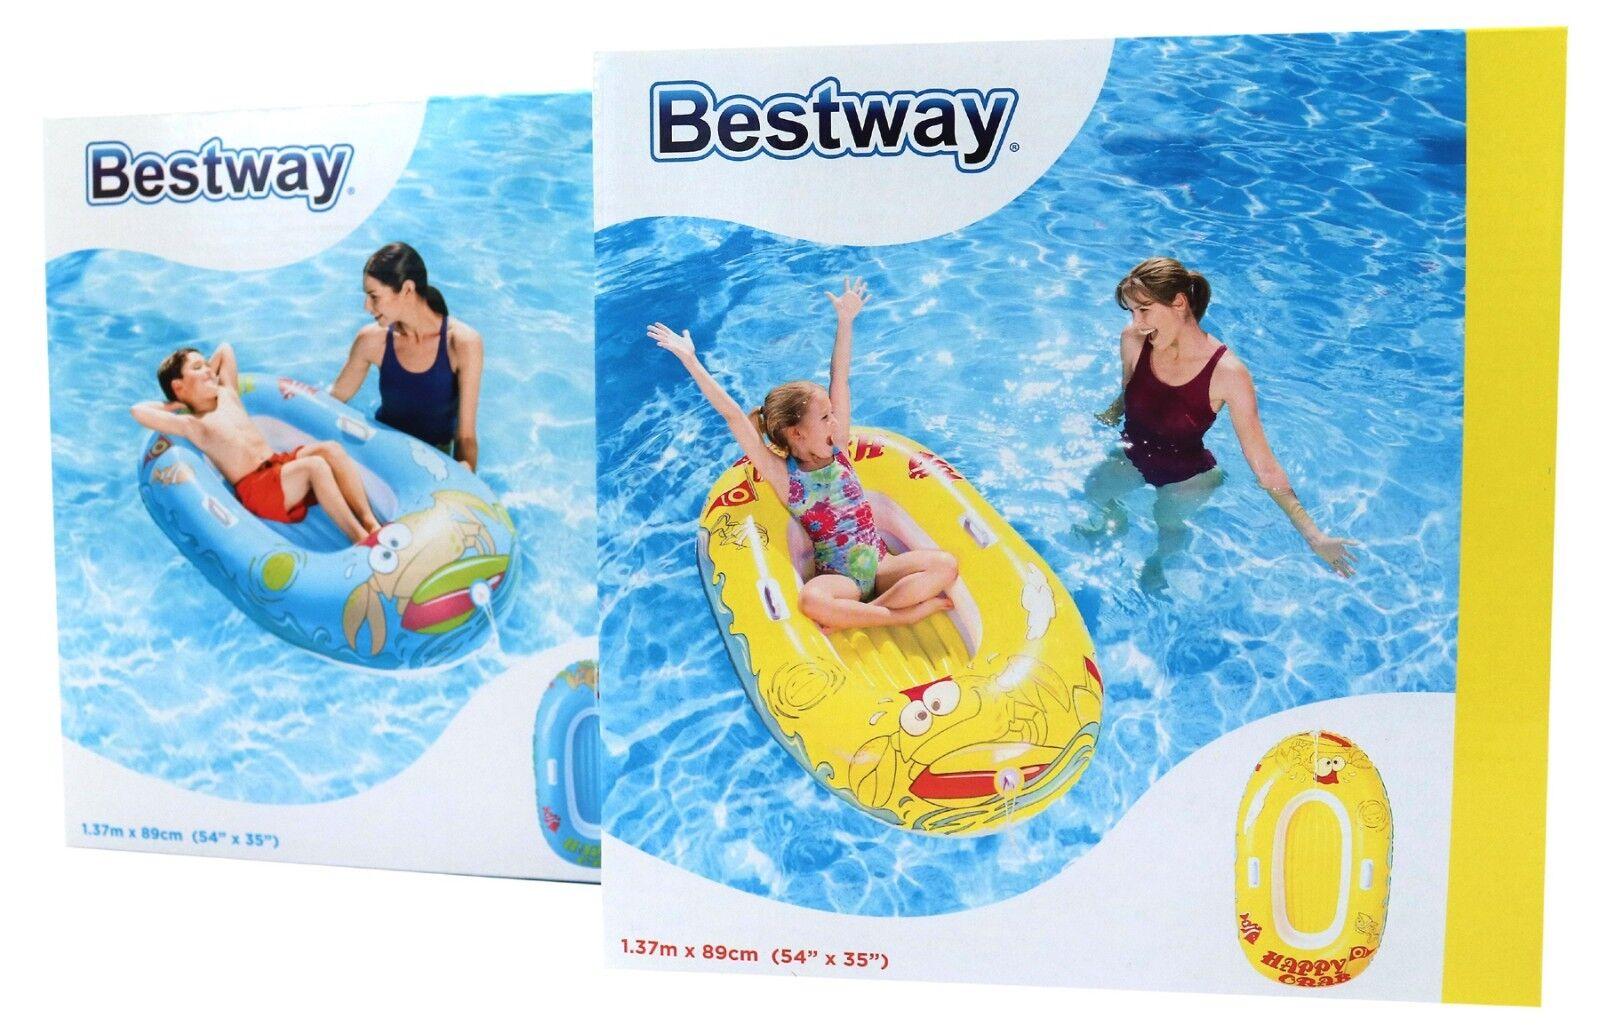 Bestway Juniorboot Aufblasbar Luftboot Boot Bade Spass… | 06942138930368